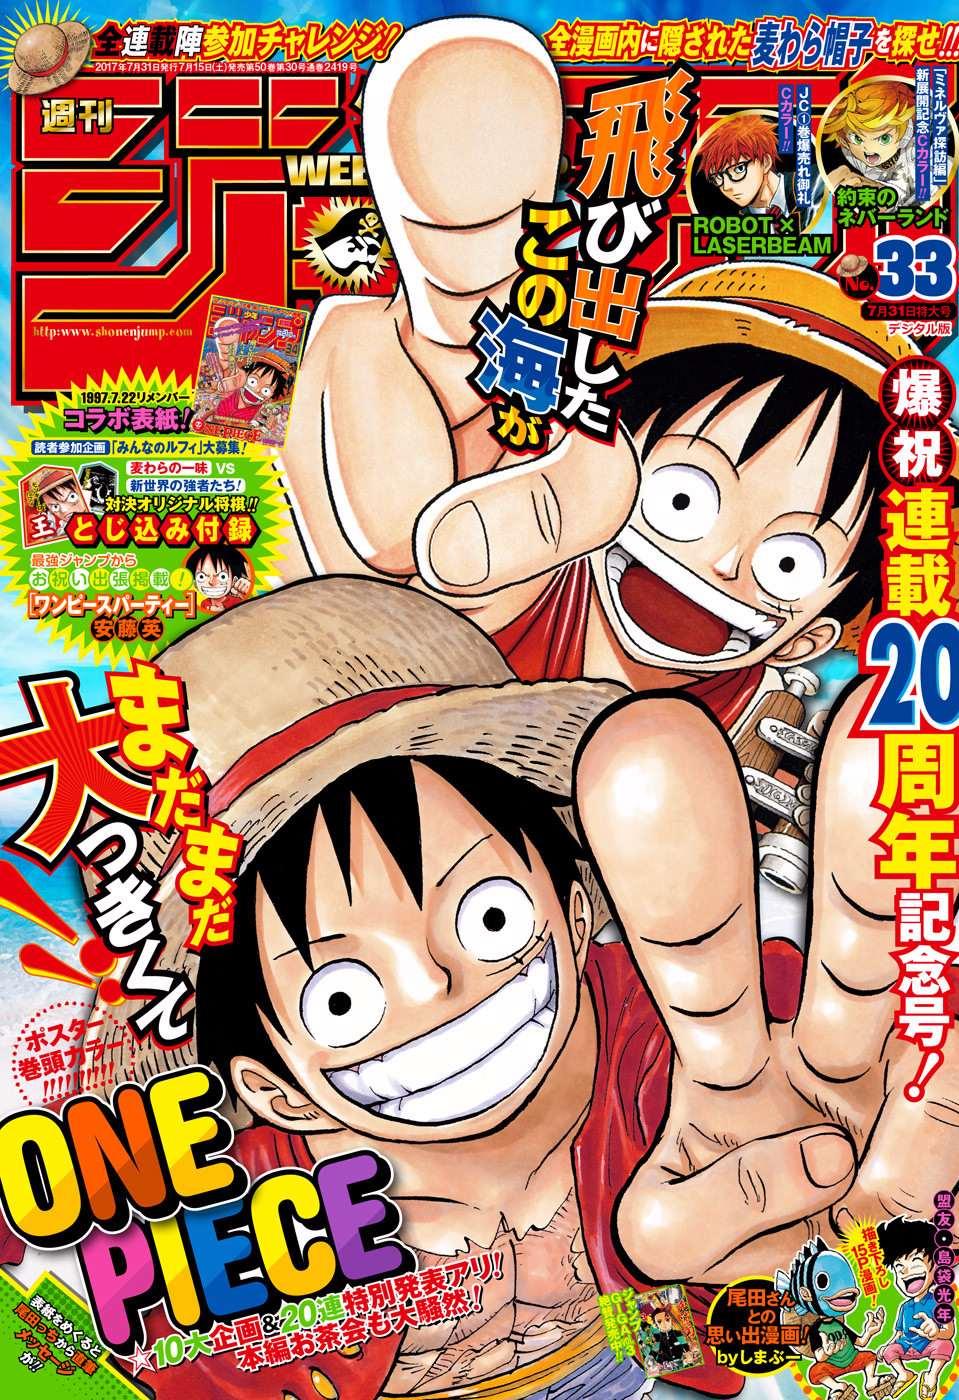 One Piece Manga 2017 2bOLVefe